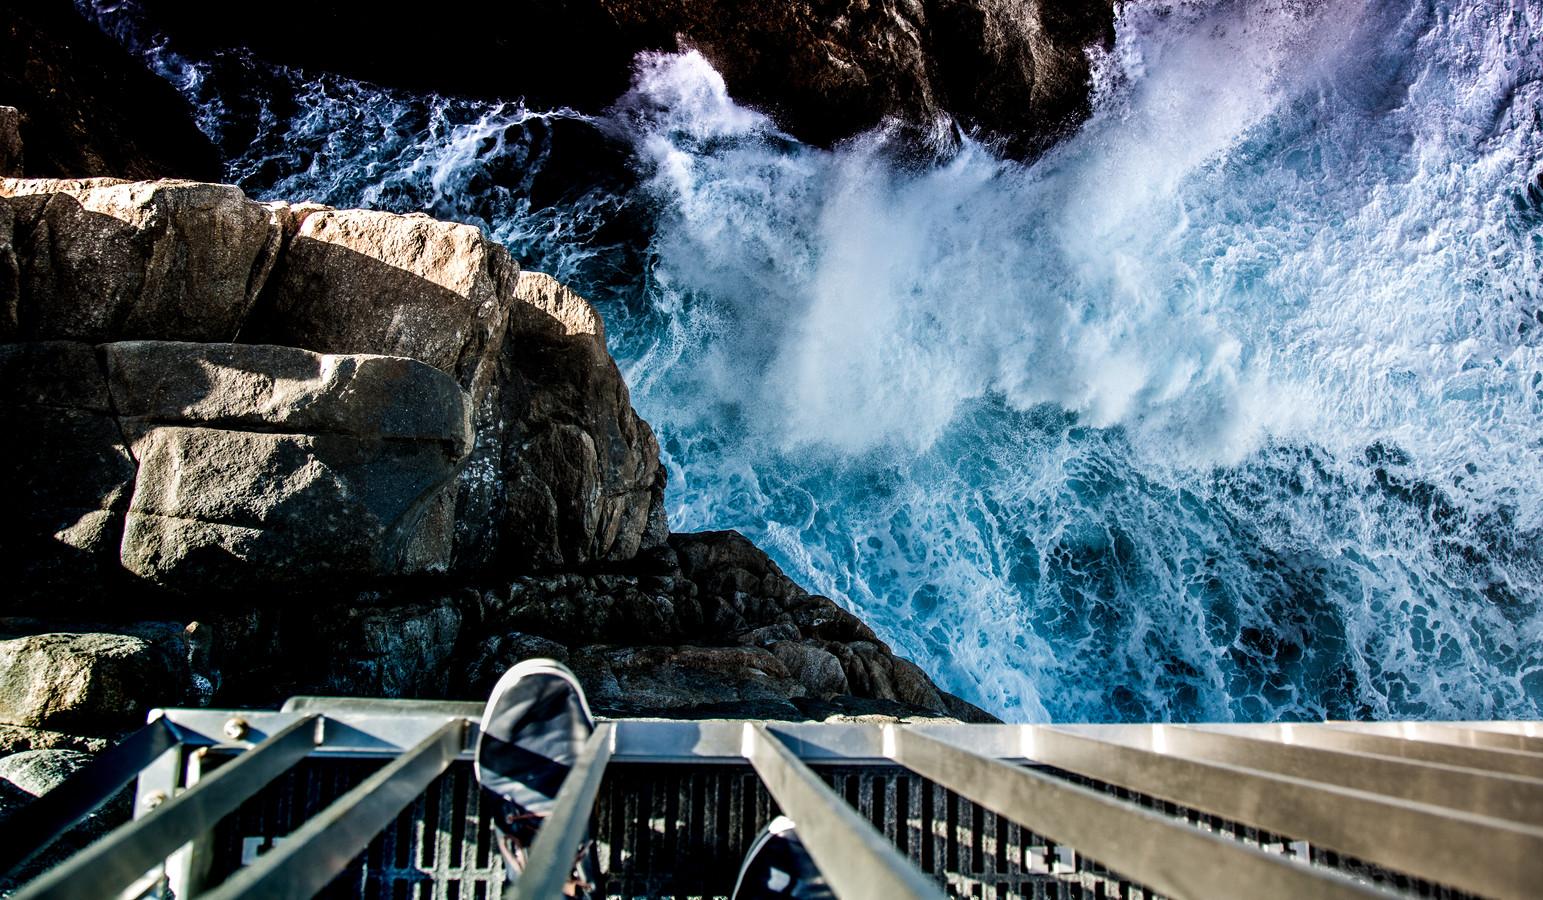 Hoogtevrees? Blijf vertrouwd met grote hoogtes, zegt psycholoog Jan van den Berg.